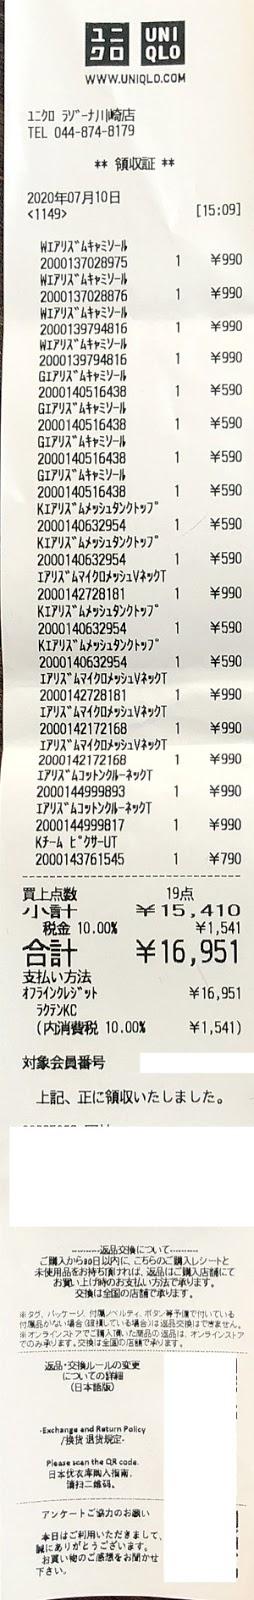 ユニクロ ラゾーナ川崎店 2020/7/10 のレシート